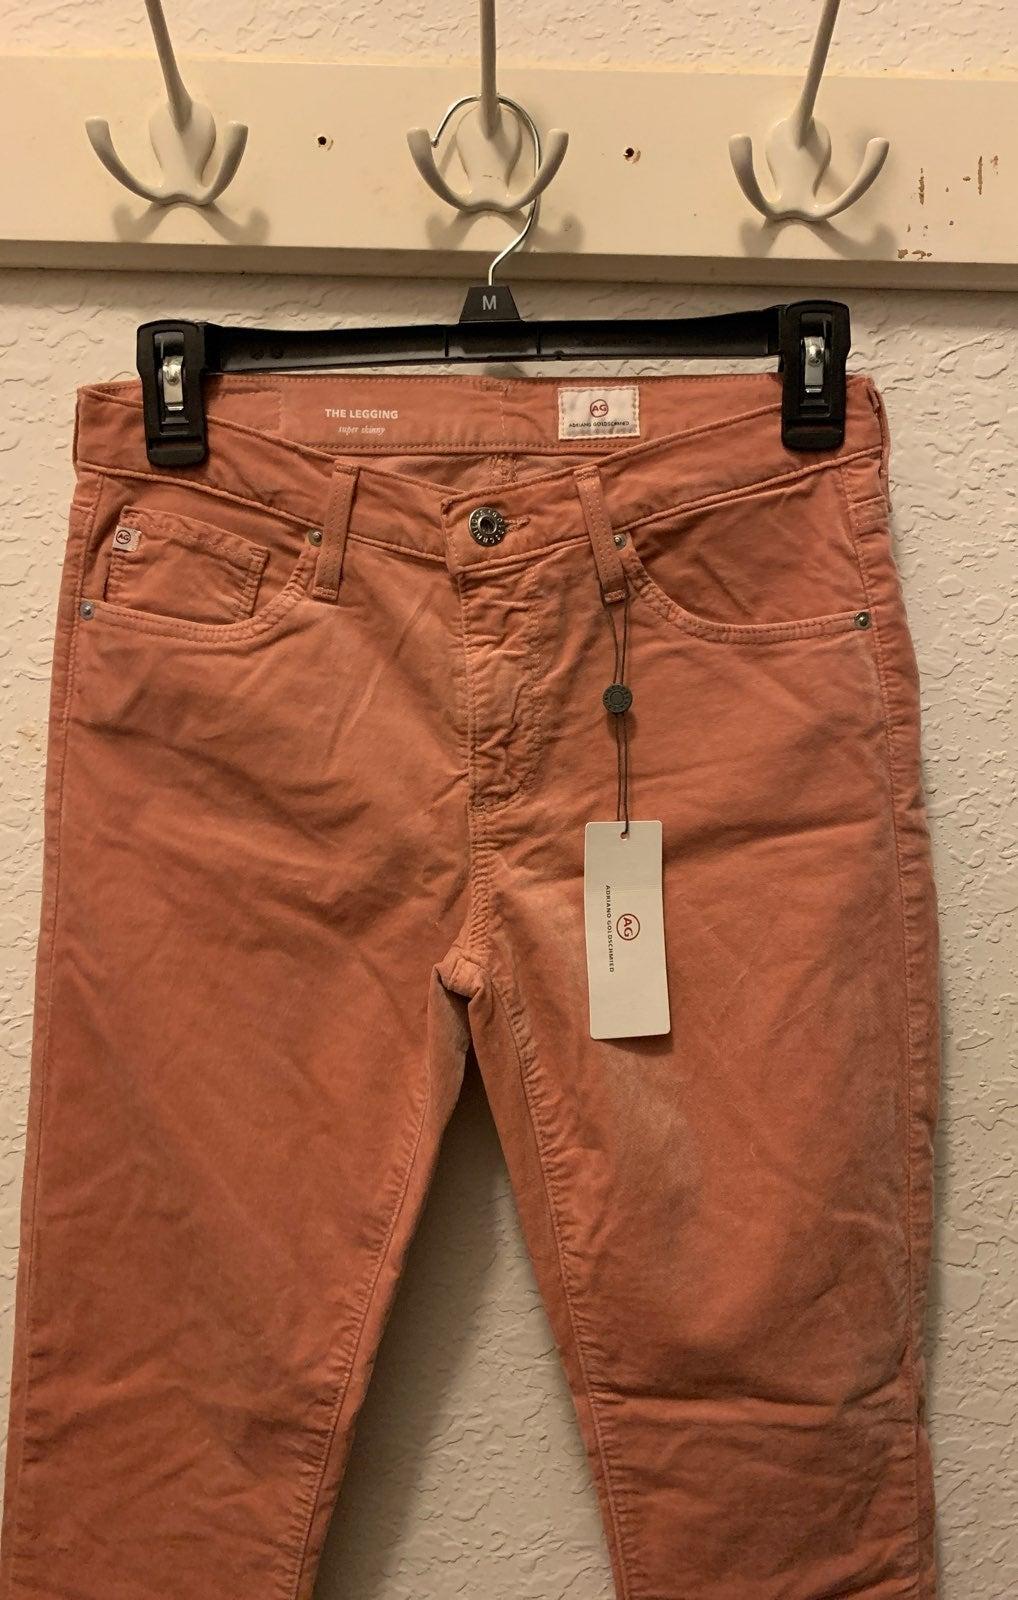 Pink skinny jean leggings